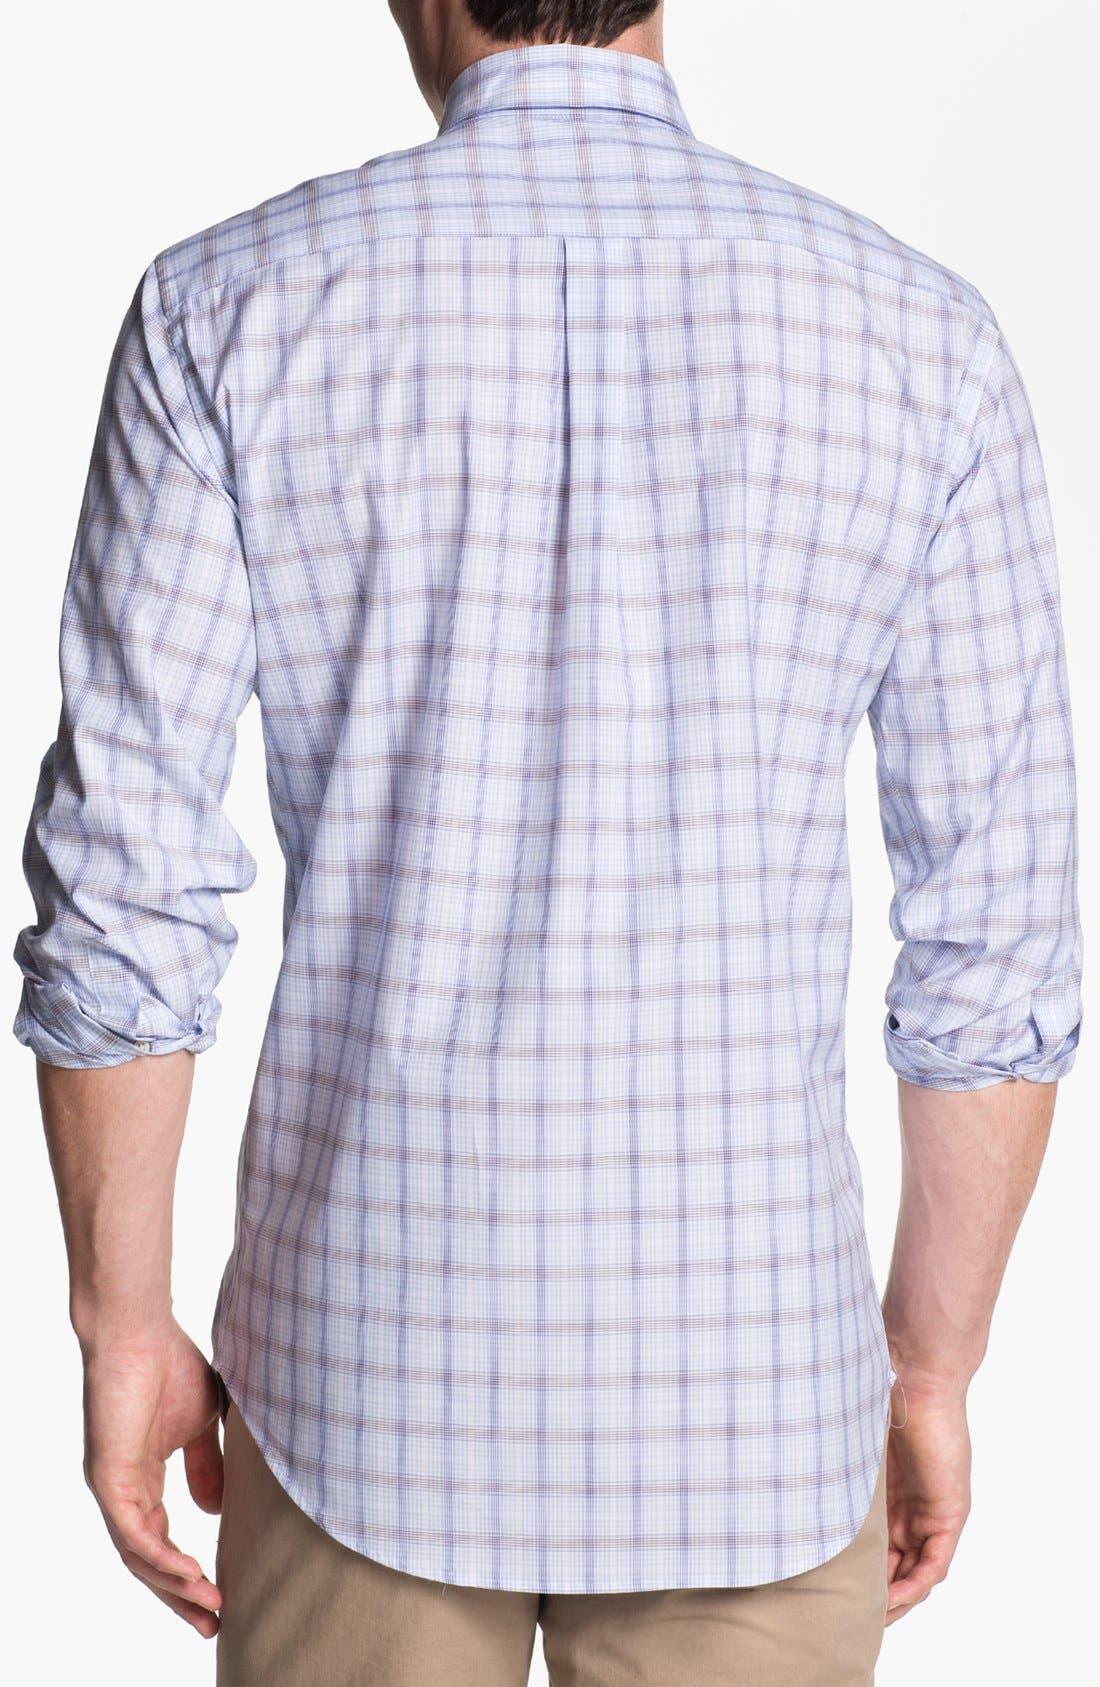 Alternate Image 2  - Peter Millar 'Zurich' Regular Fit Plaid Sport Shirt (Tall)